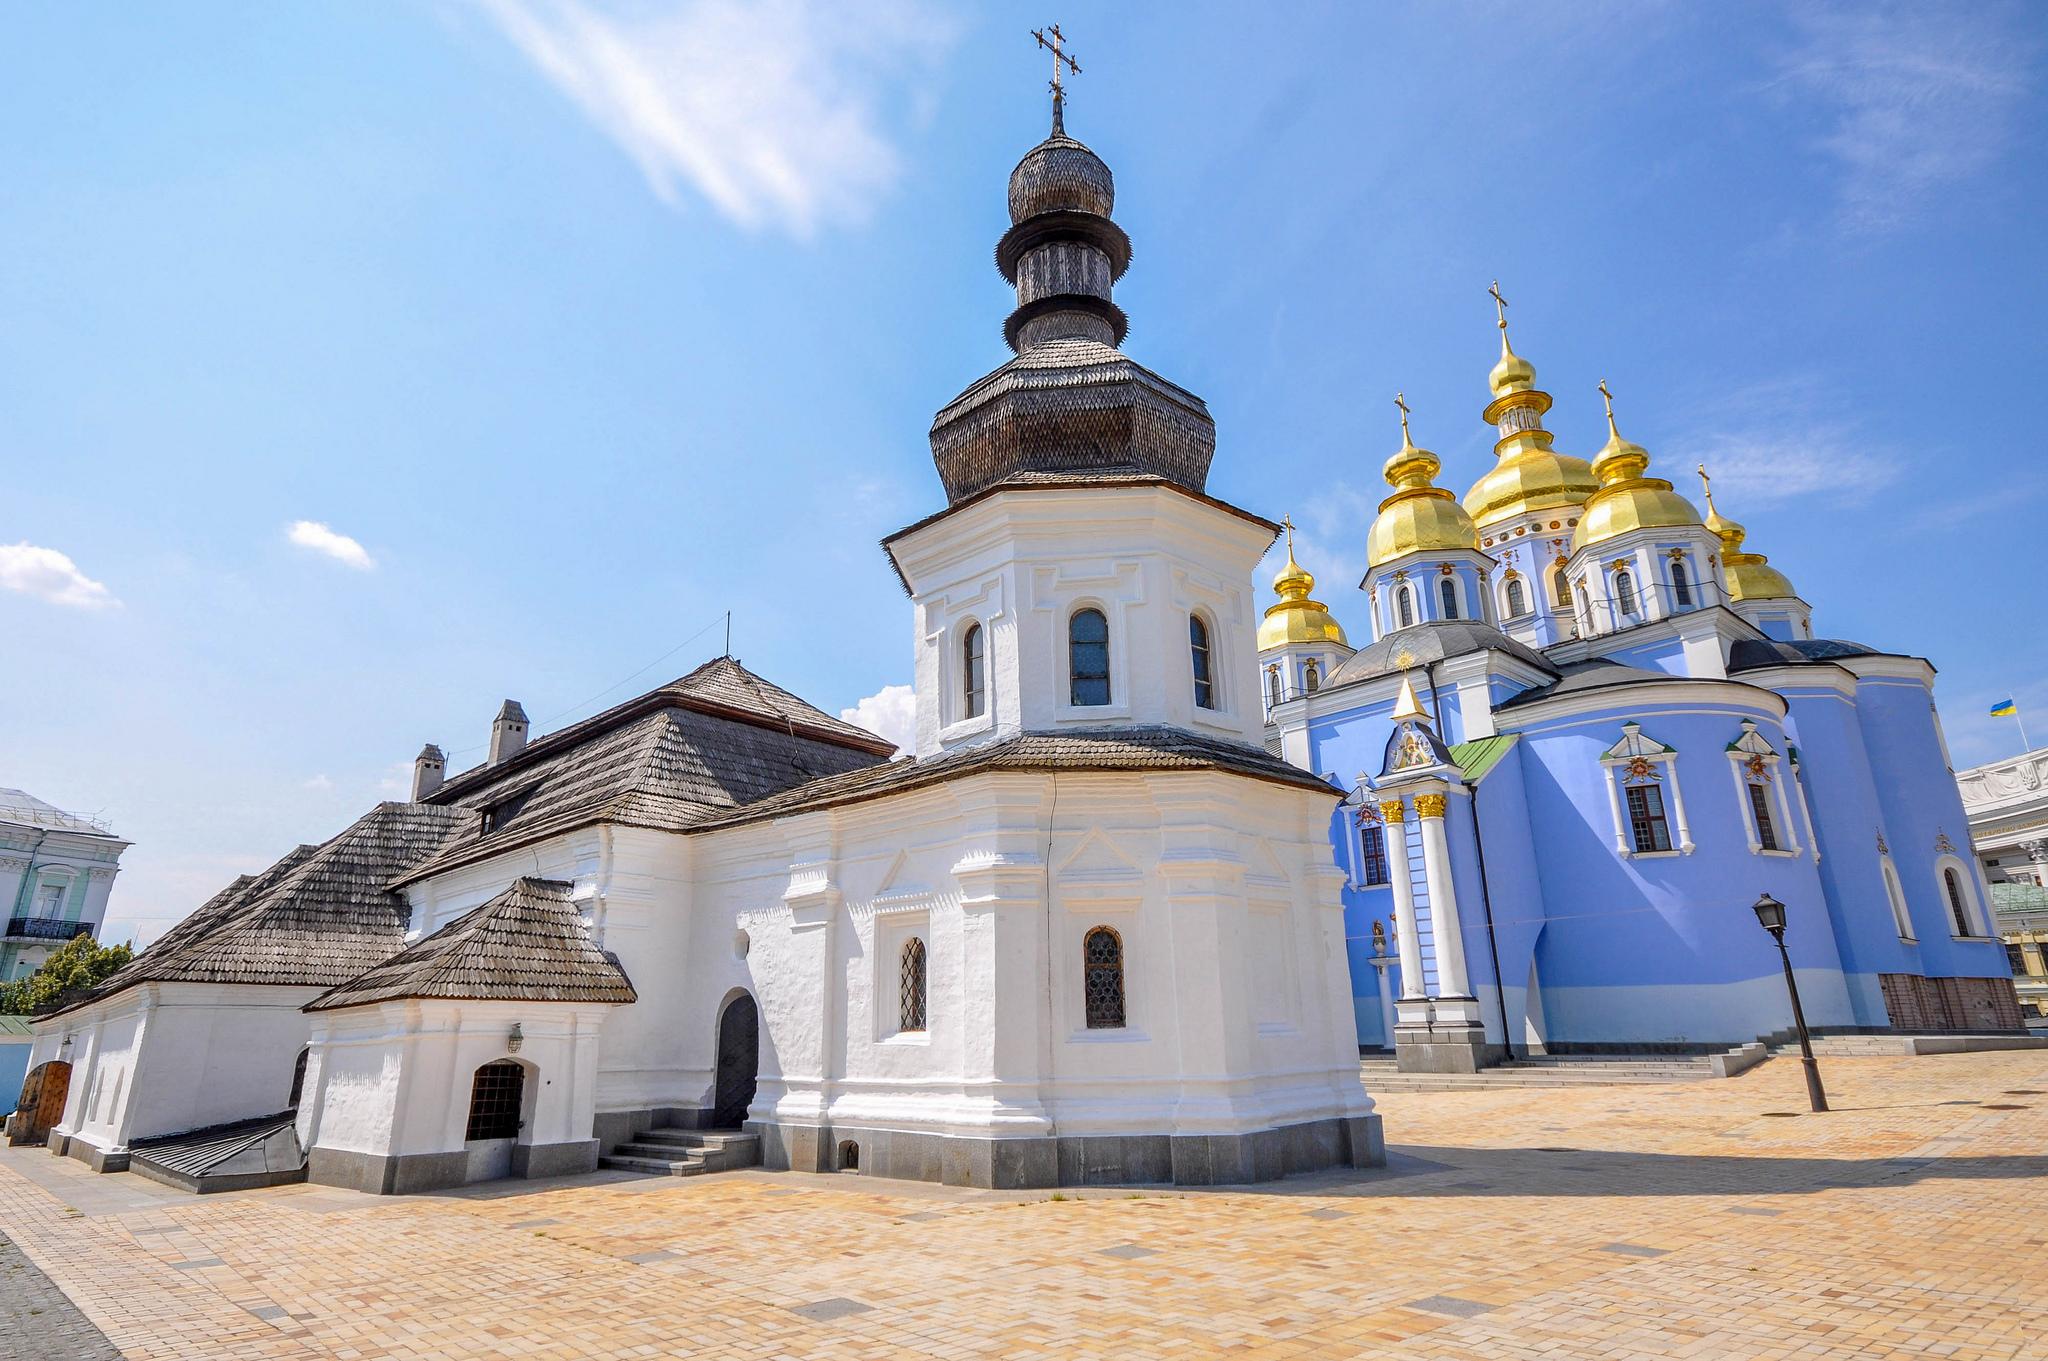 Вид на Трапезный Храм Иоана Богослова и Михайловский Златоверхий собор